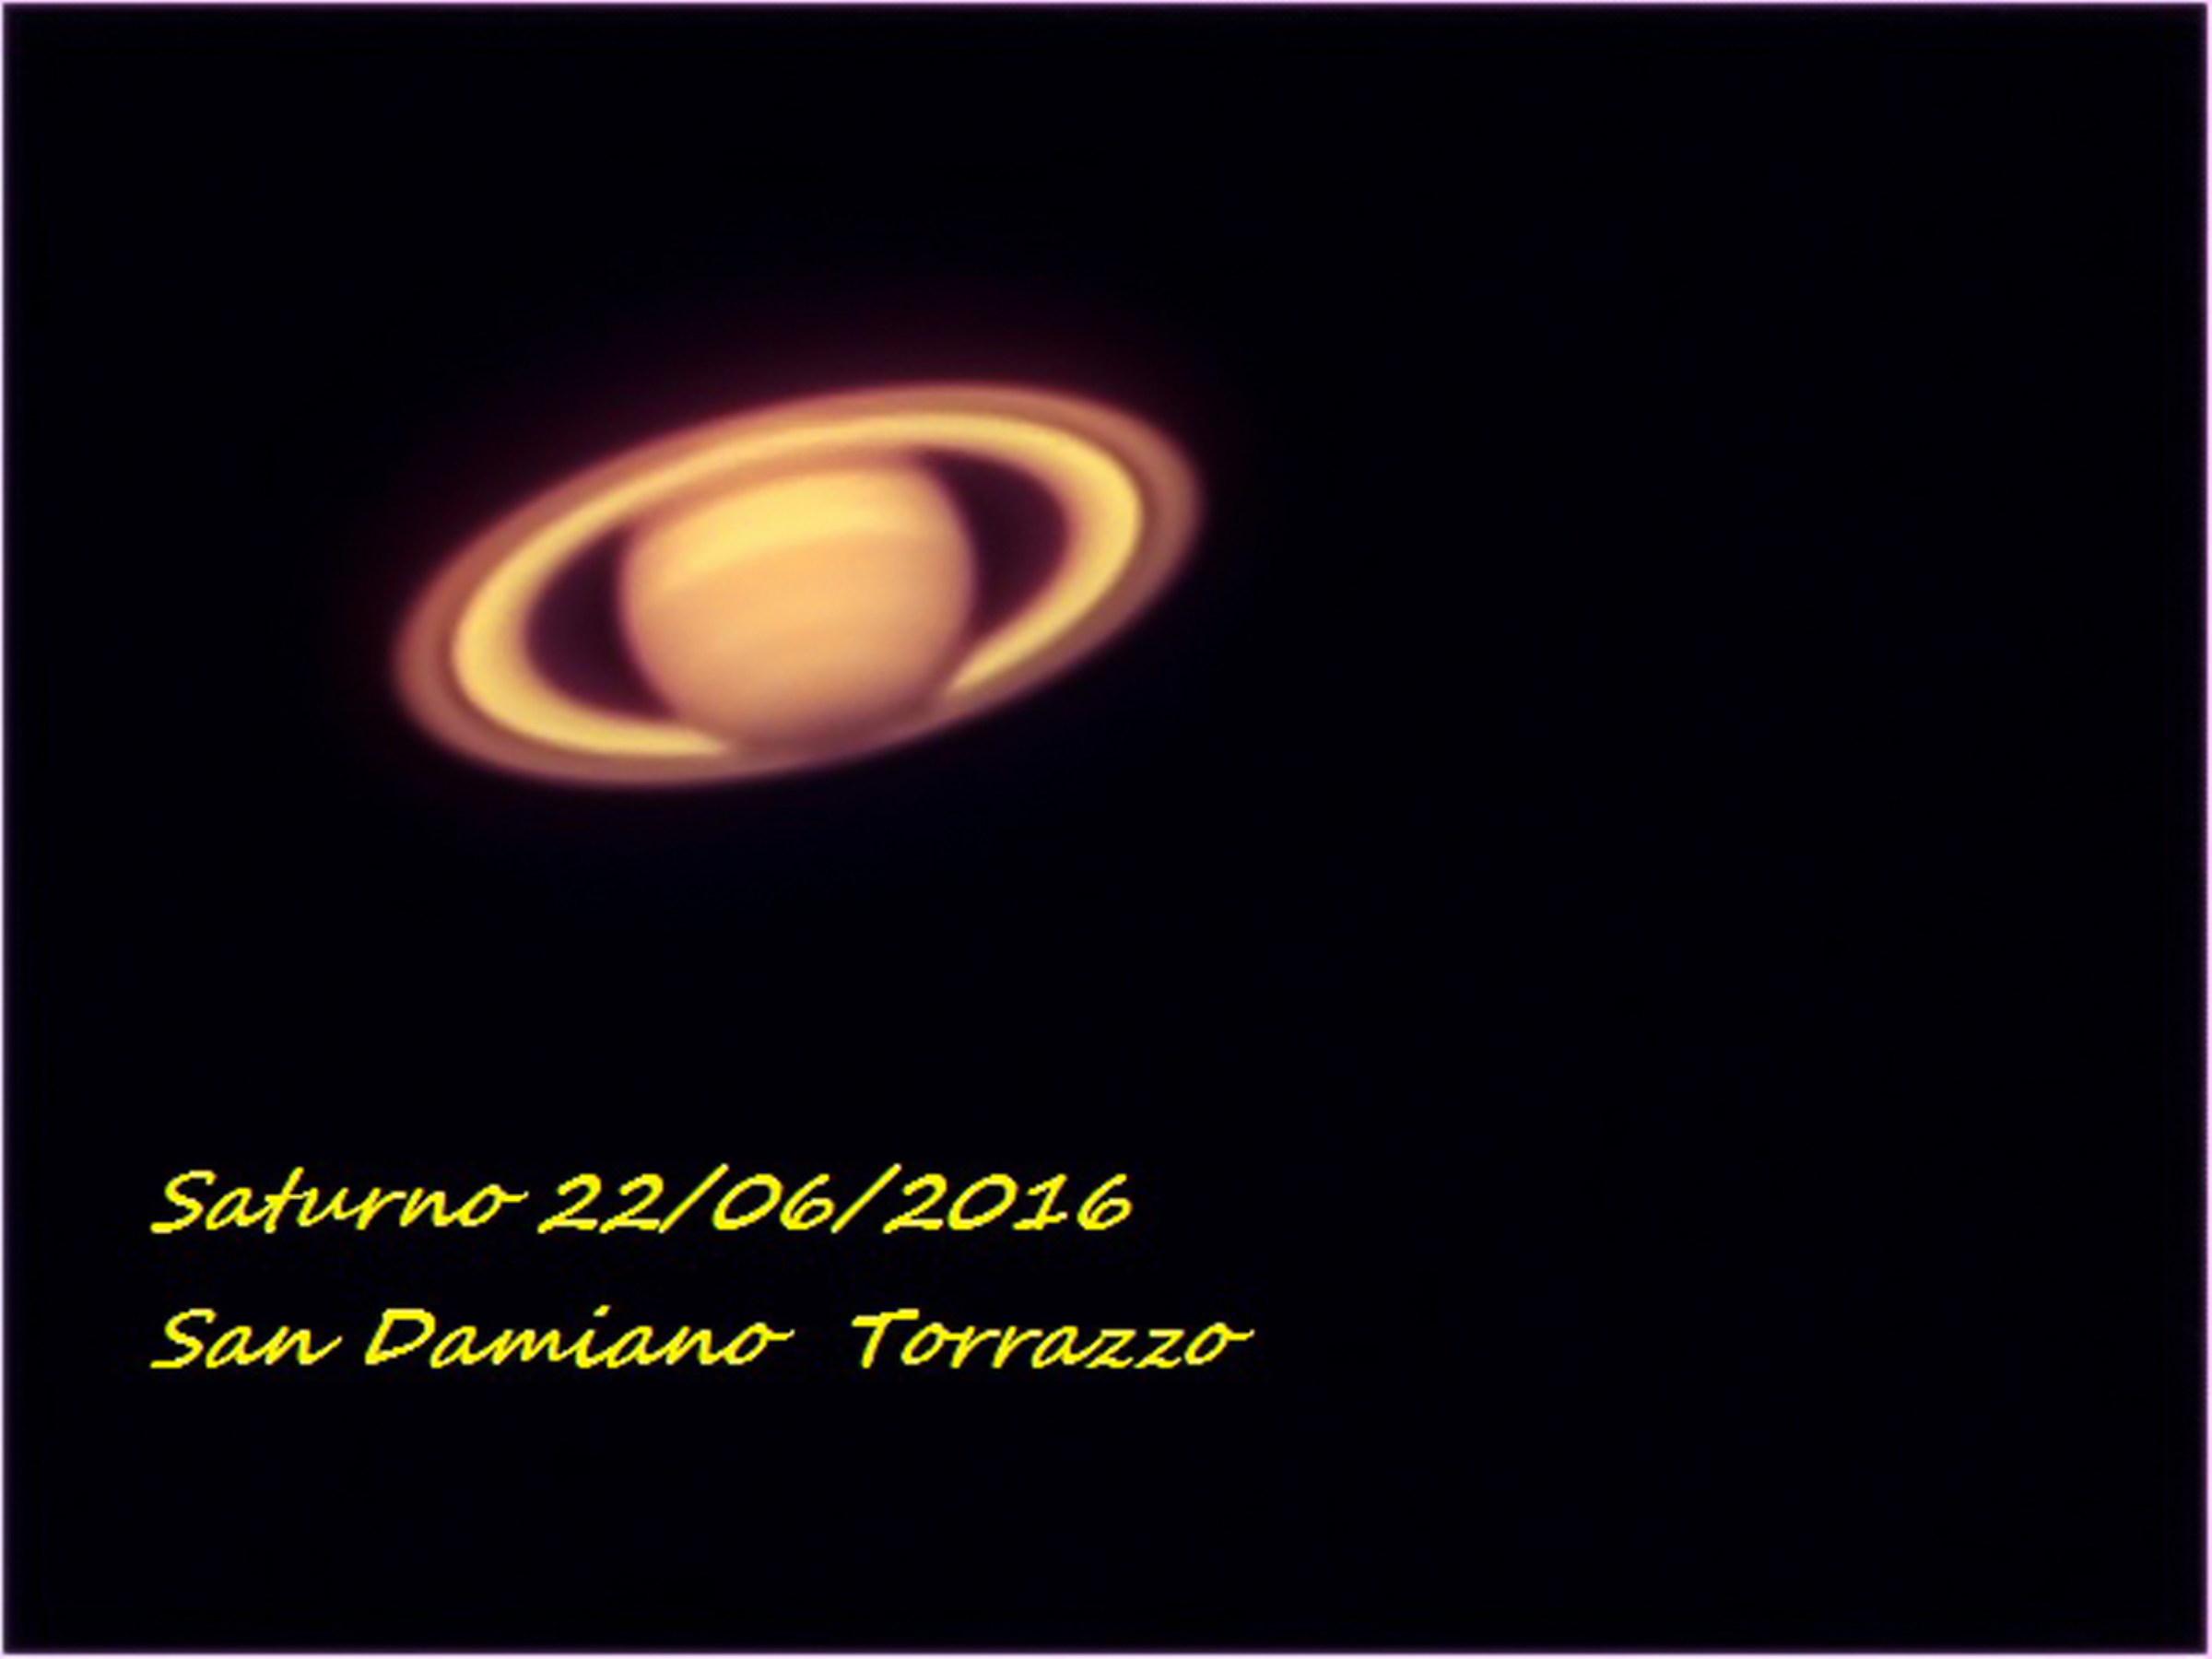 Saturn 06/22/2016...